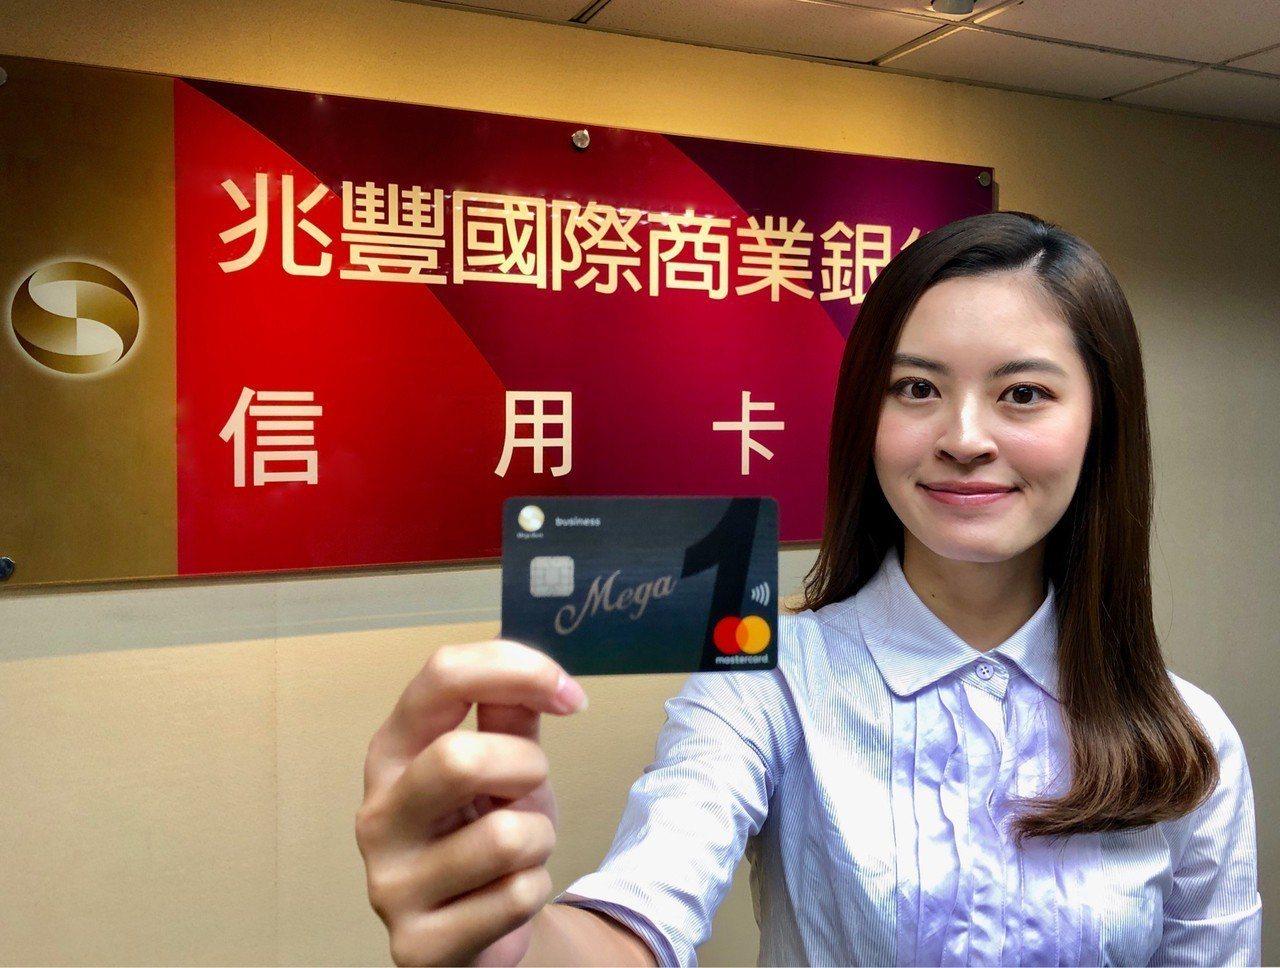 兆豐銀行宣布發行「Mega One一卡通聯名卡」,主打國內消費1%、國外消費1....